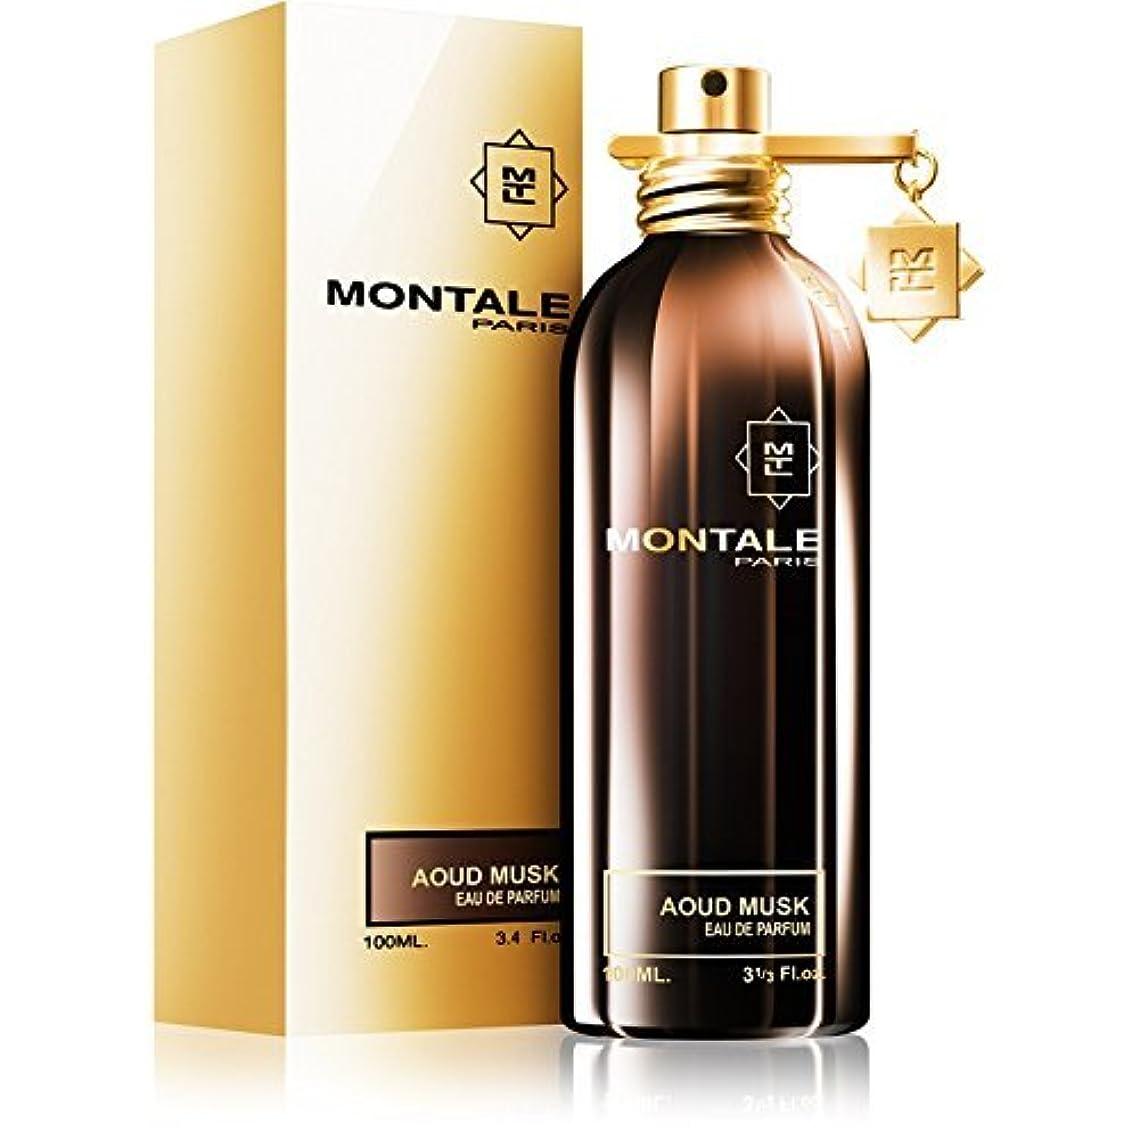 アッパー簿記係破壊MONTALE AOUD MUSK Eau de Perfume 100ml Made in France 100% 本物のモンターレ アラブ ムスク香水 100 ml フランス製 +2サンプル無料! + 30 mlスキンケア無料!